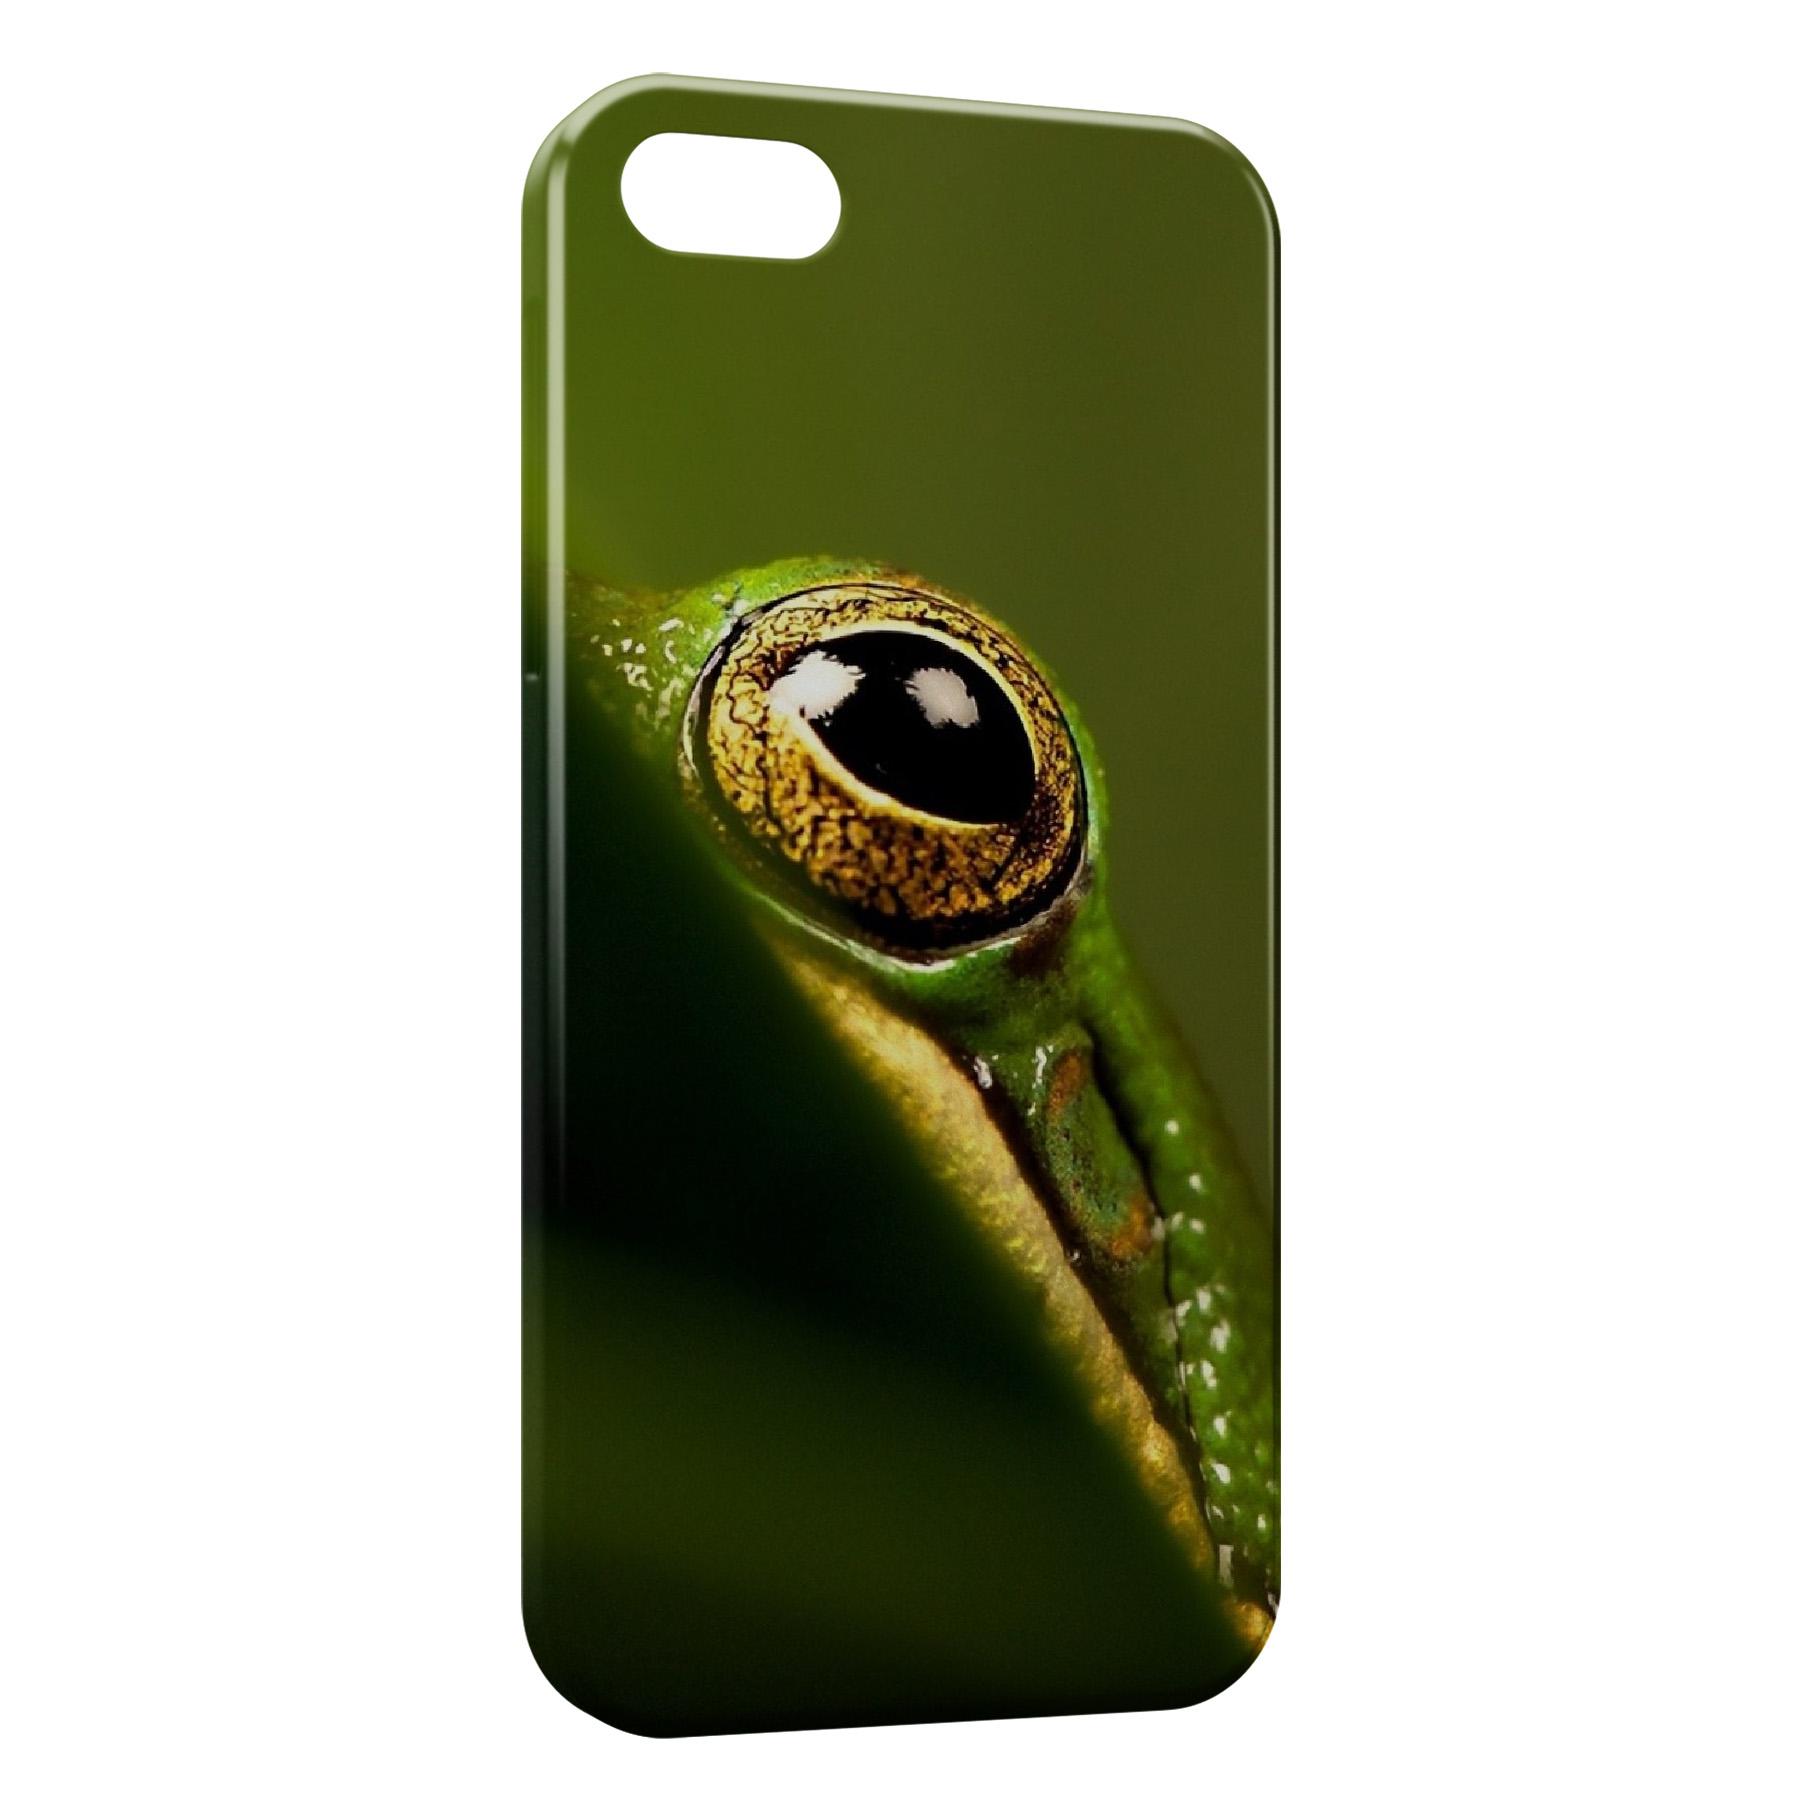 coque iphone 6 plus grenouille